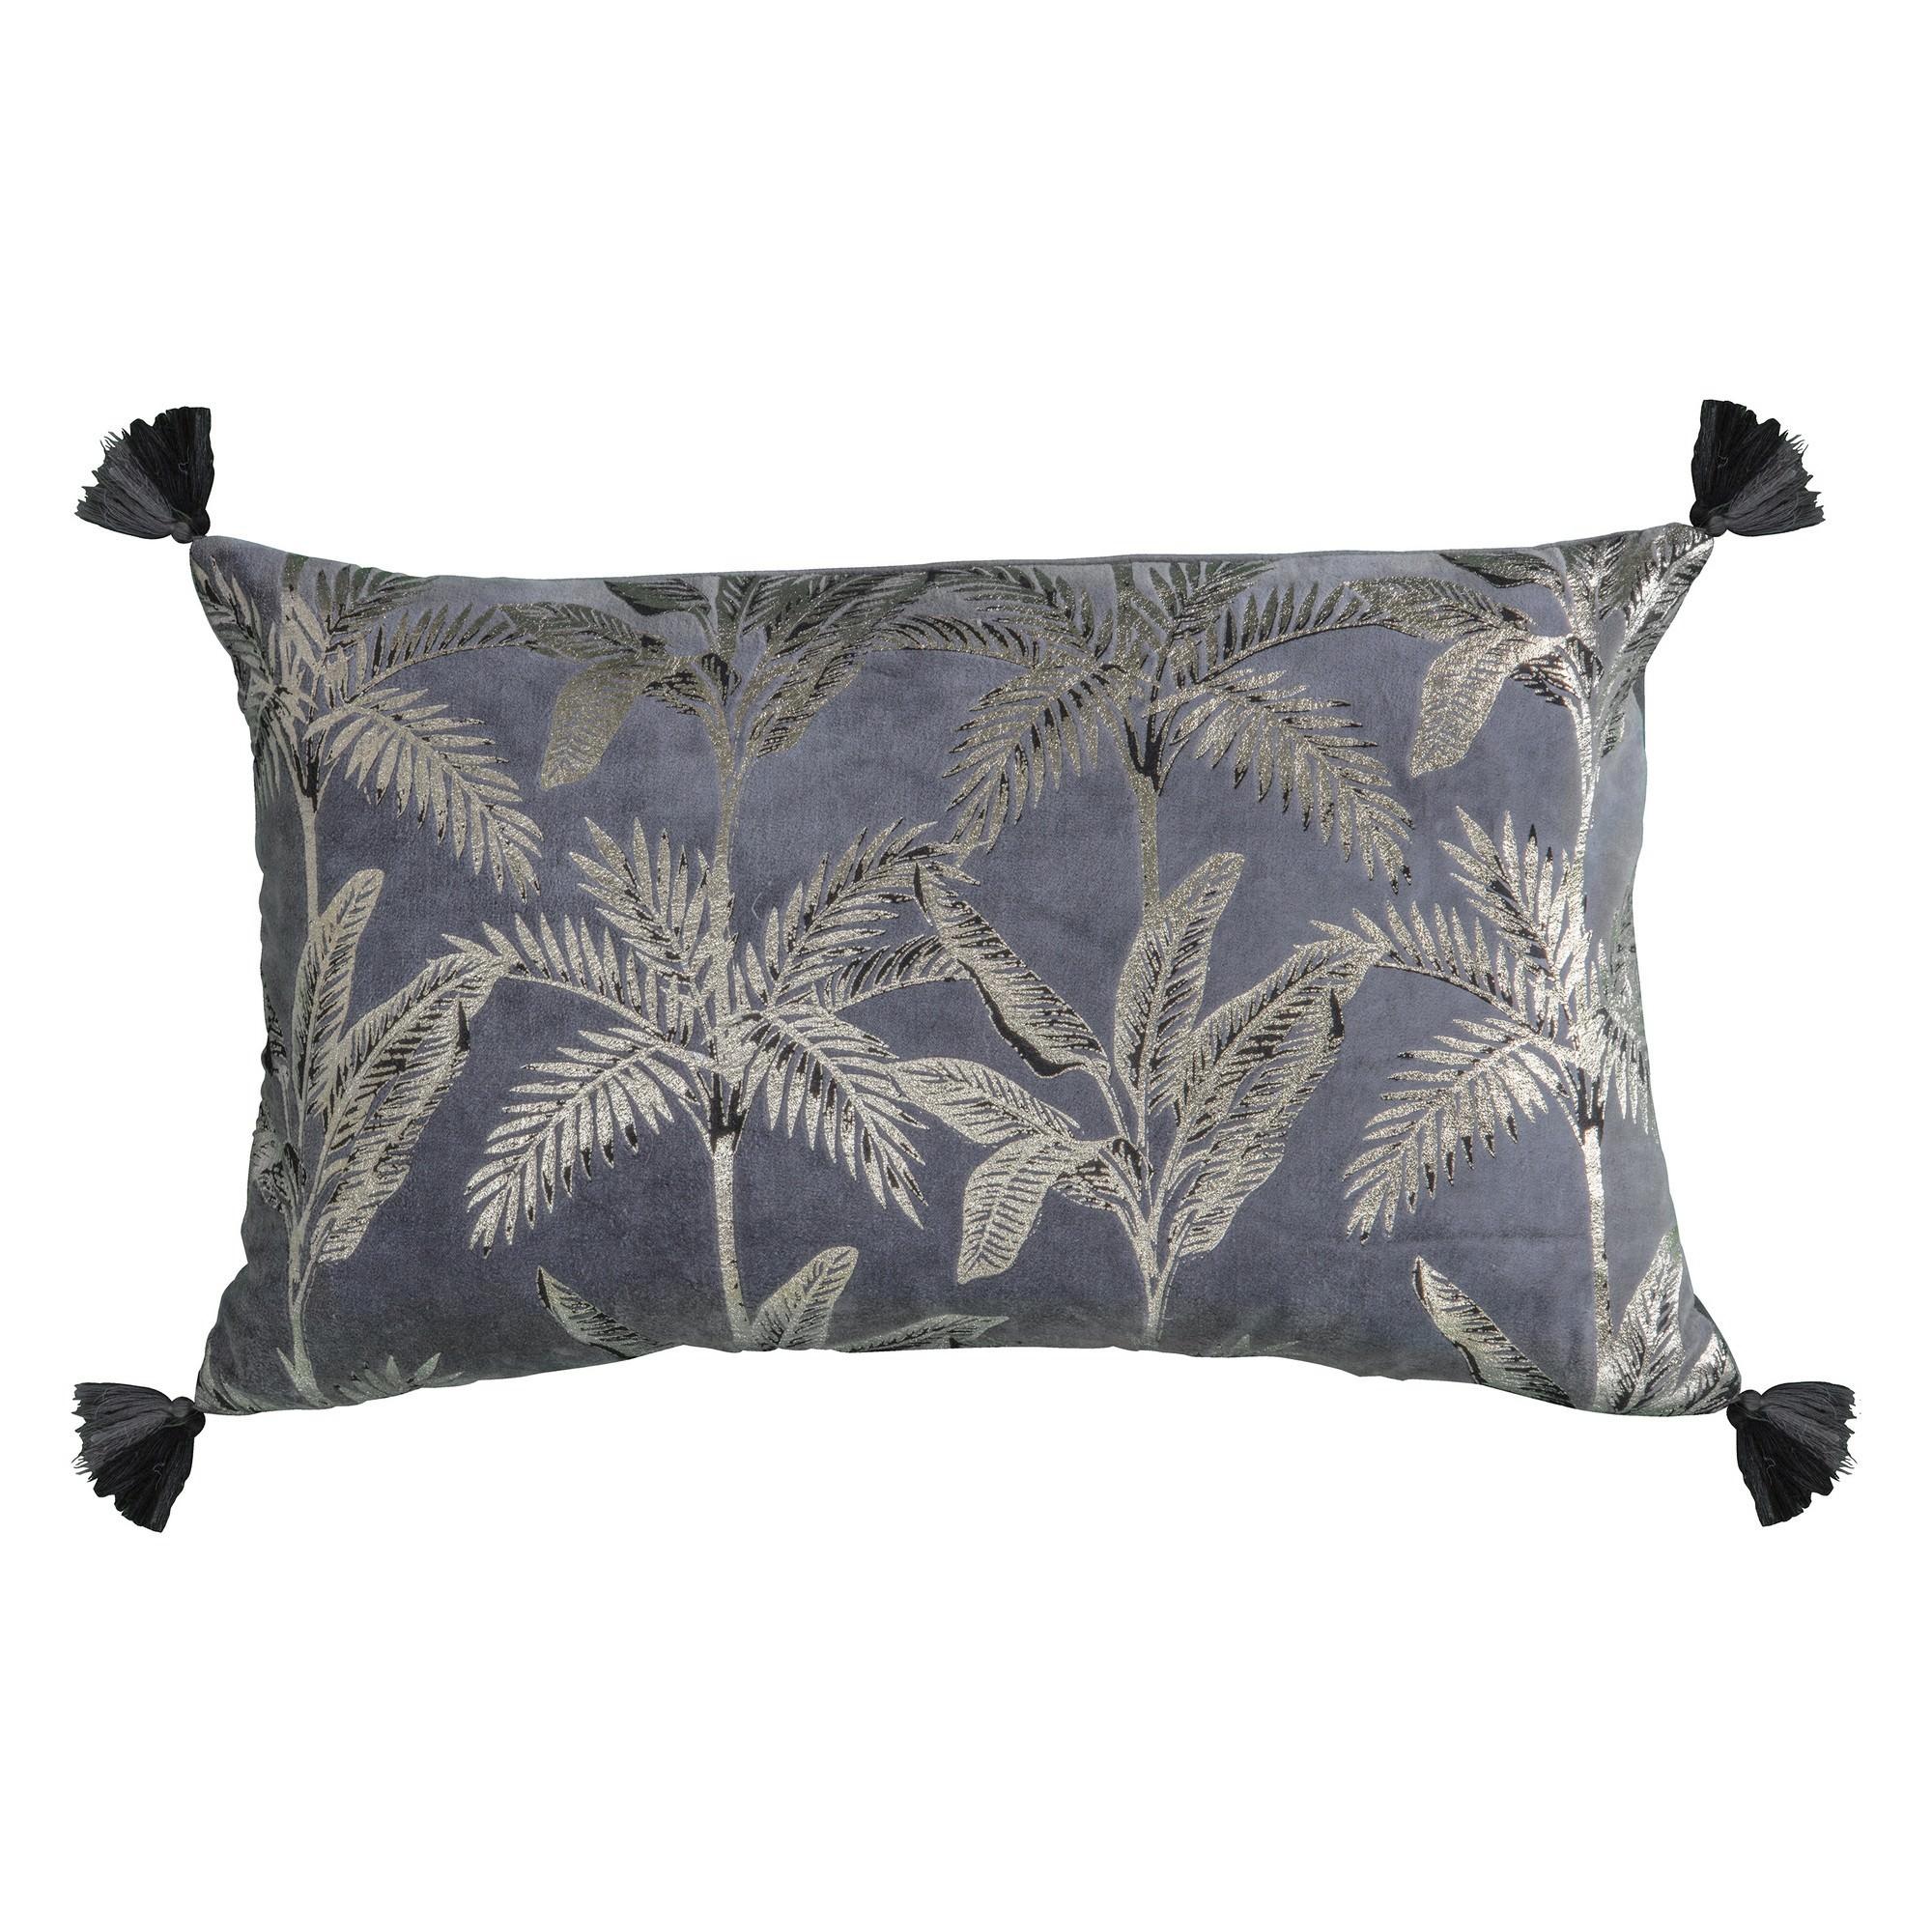 Challeigh Palm Metallic Printed Cotton Lumbar Cushion